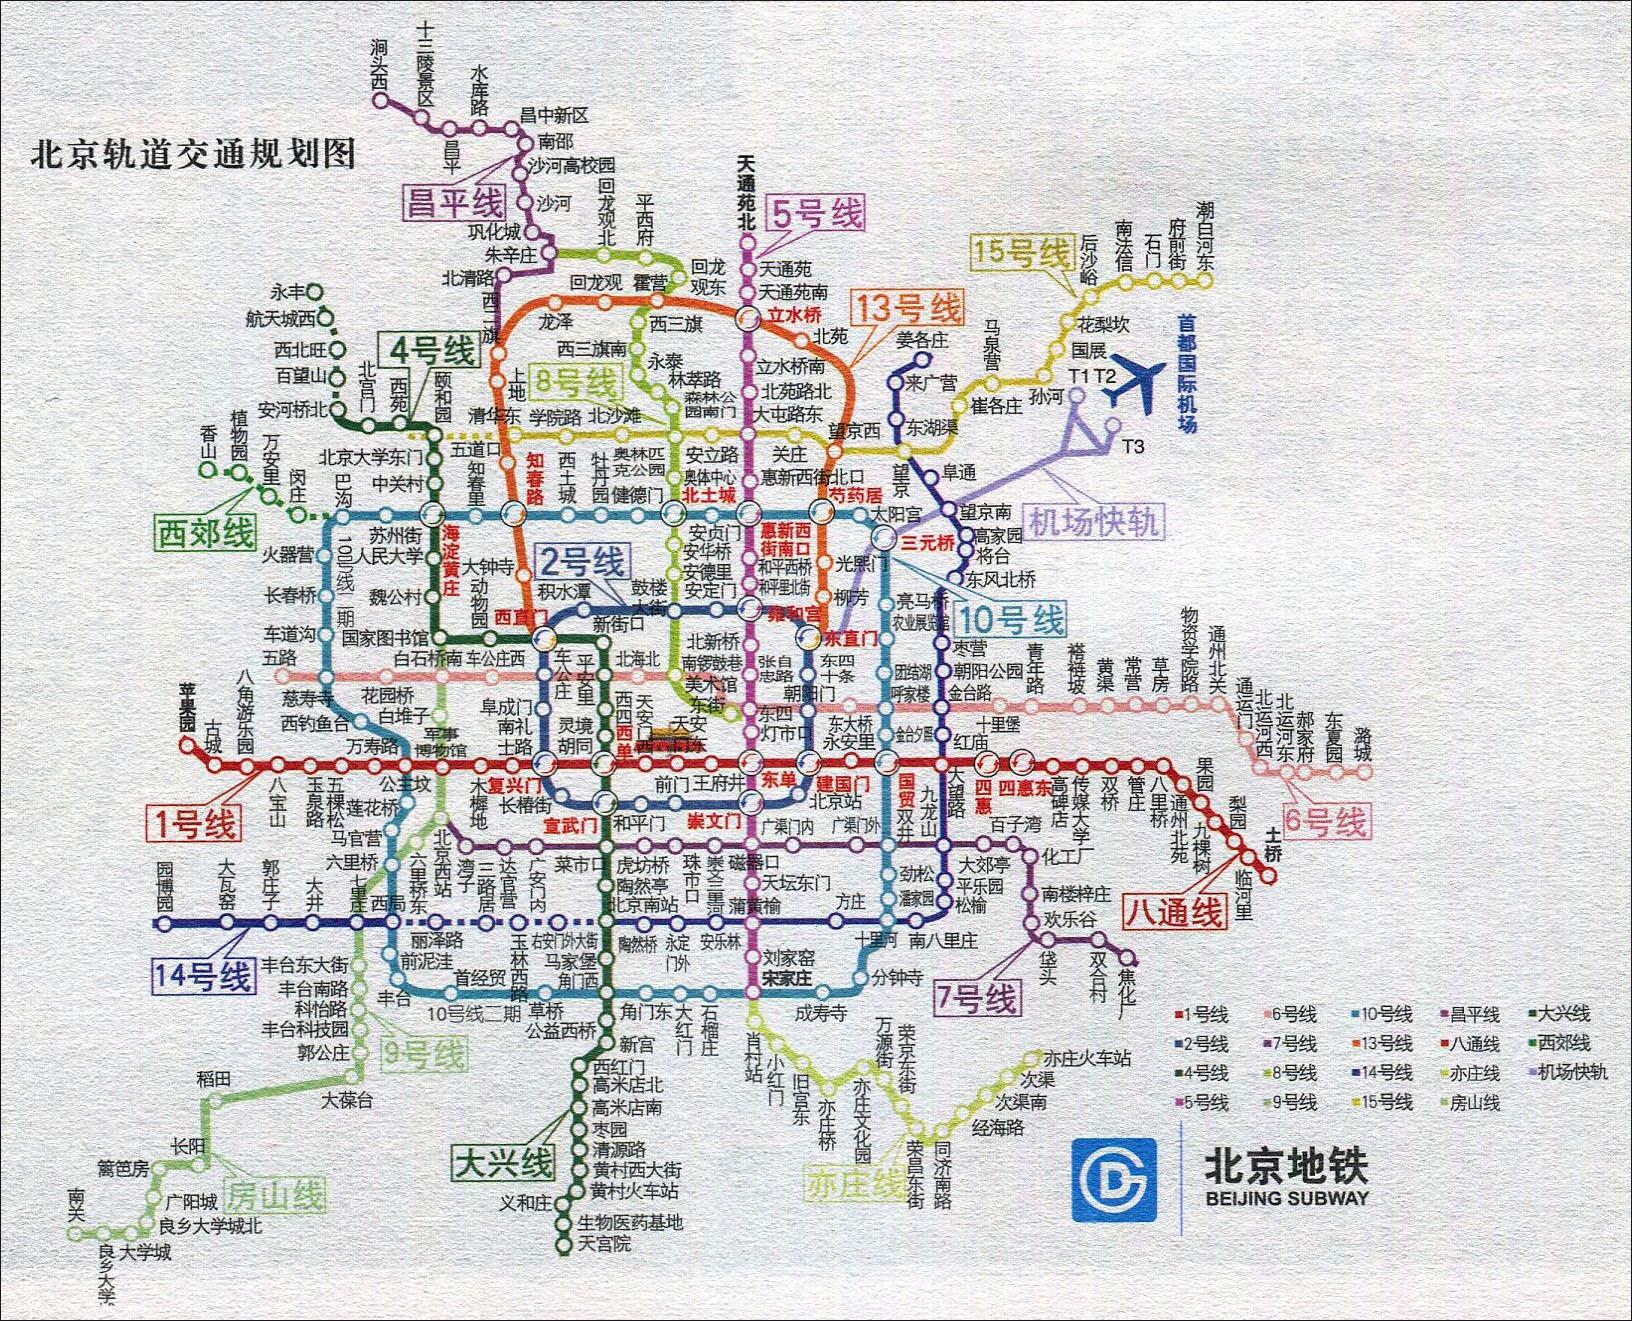 地图库 旅游地图 北京旅游 >> 北京地铁交通图  景点导航:世界旅游